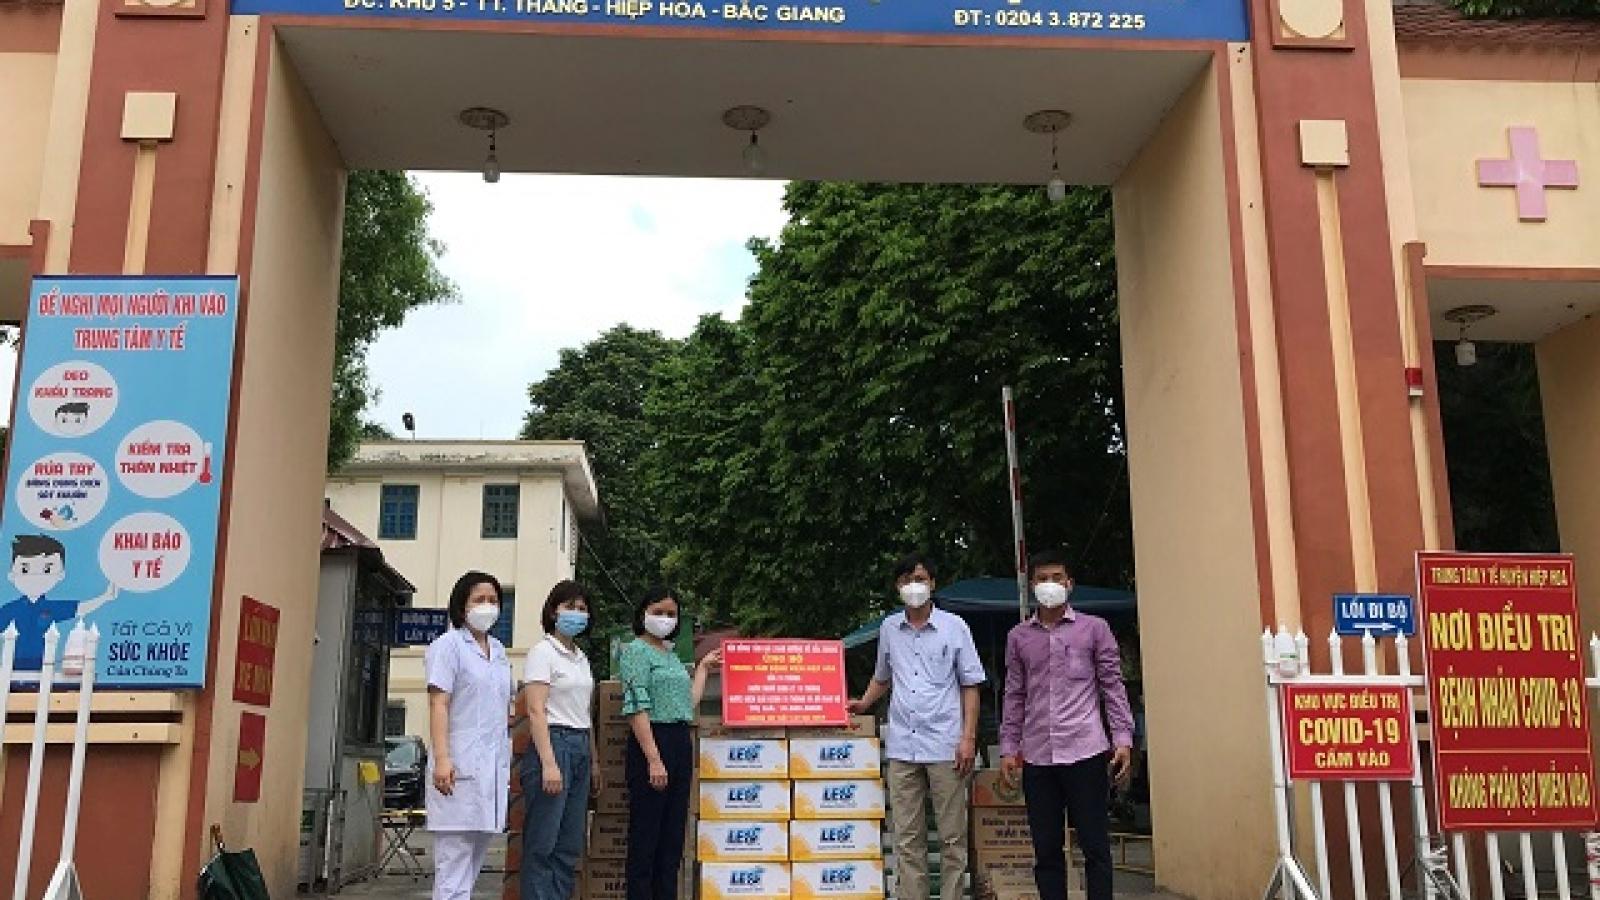 Củng cố hồ sơ xử lý F0 ở Bắc Giang trốn khỏi bệnh viện ra ngoài mua đồ ăn